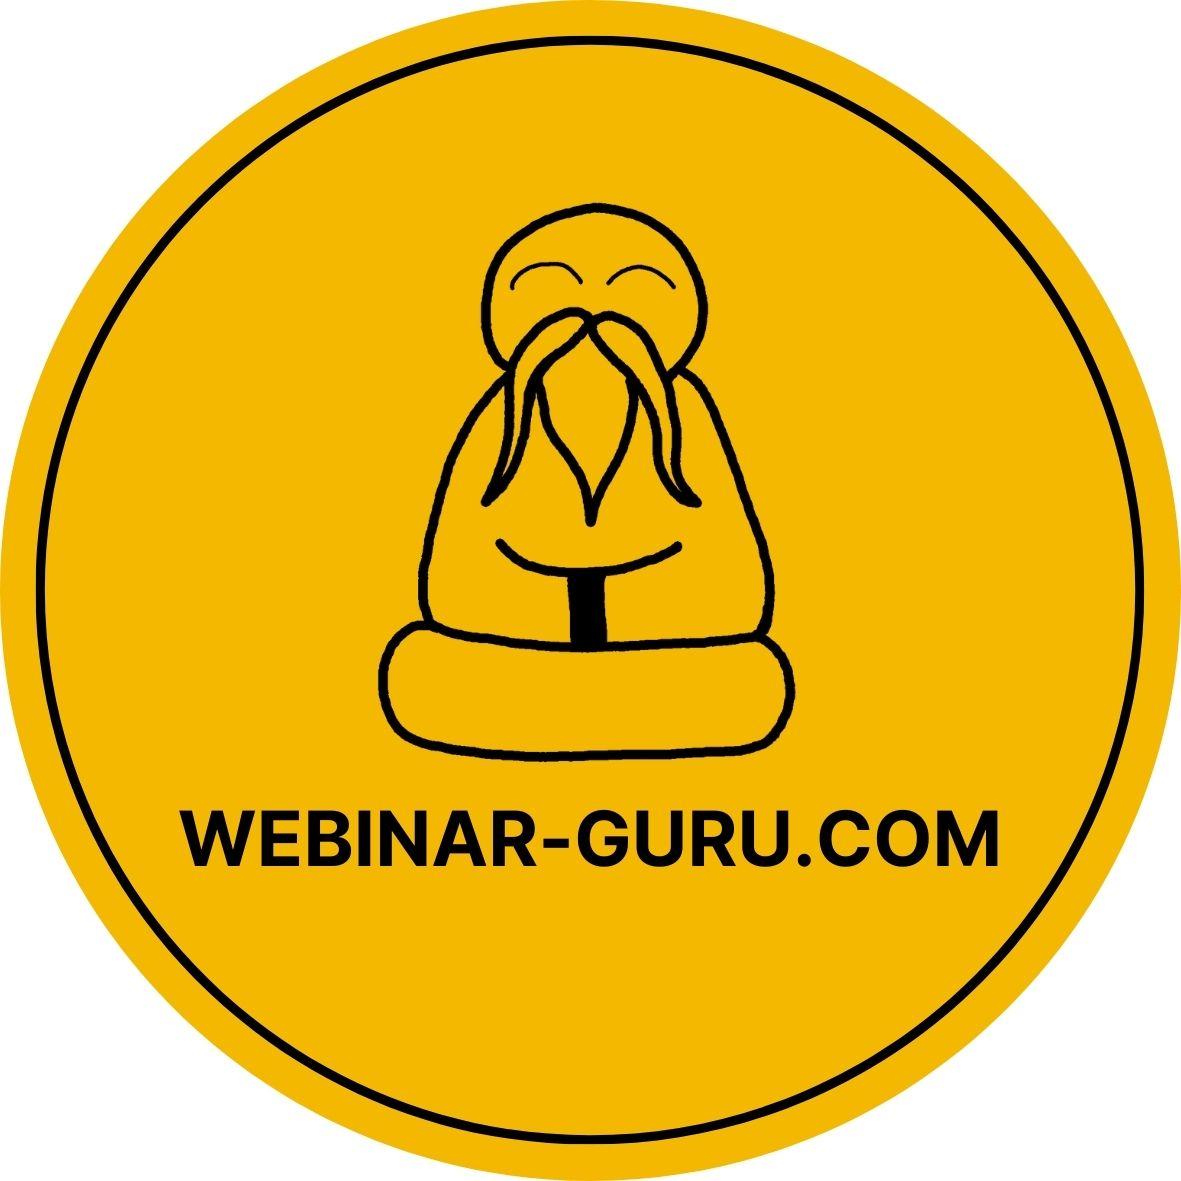 Webinar-Guru.com